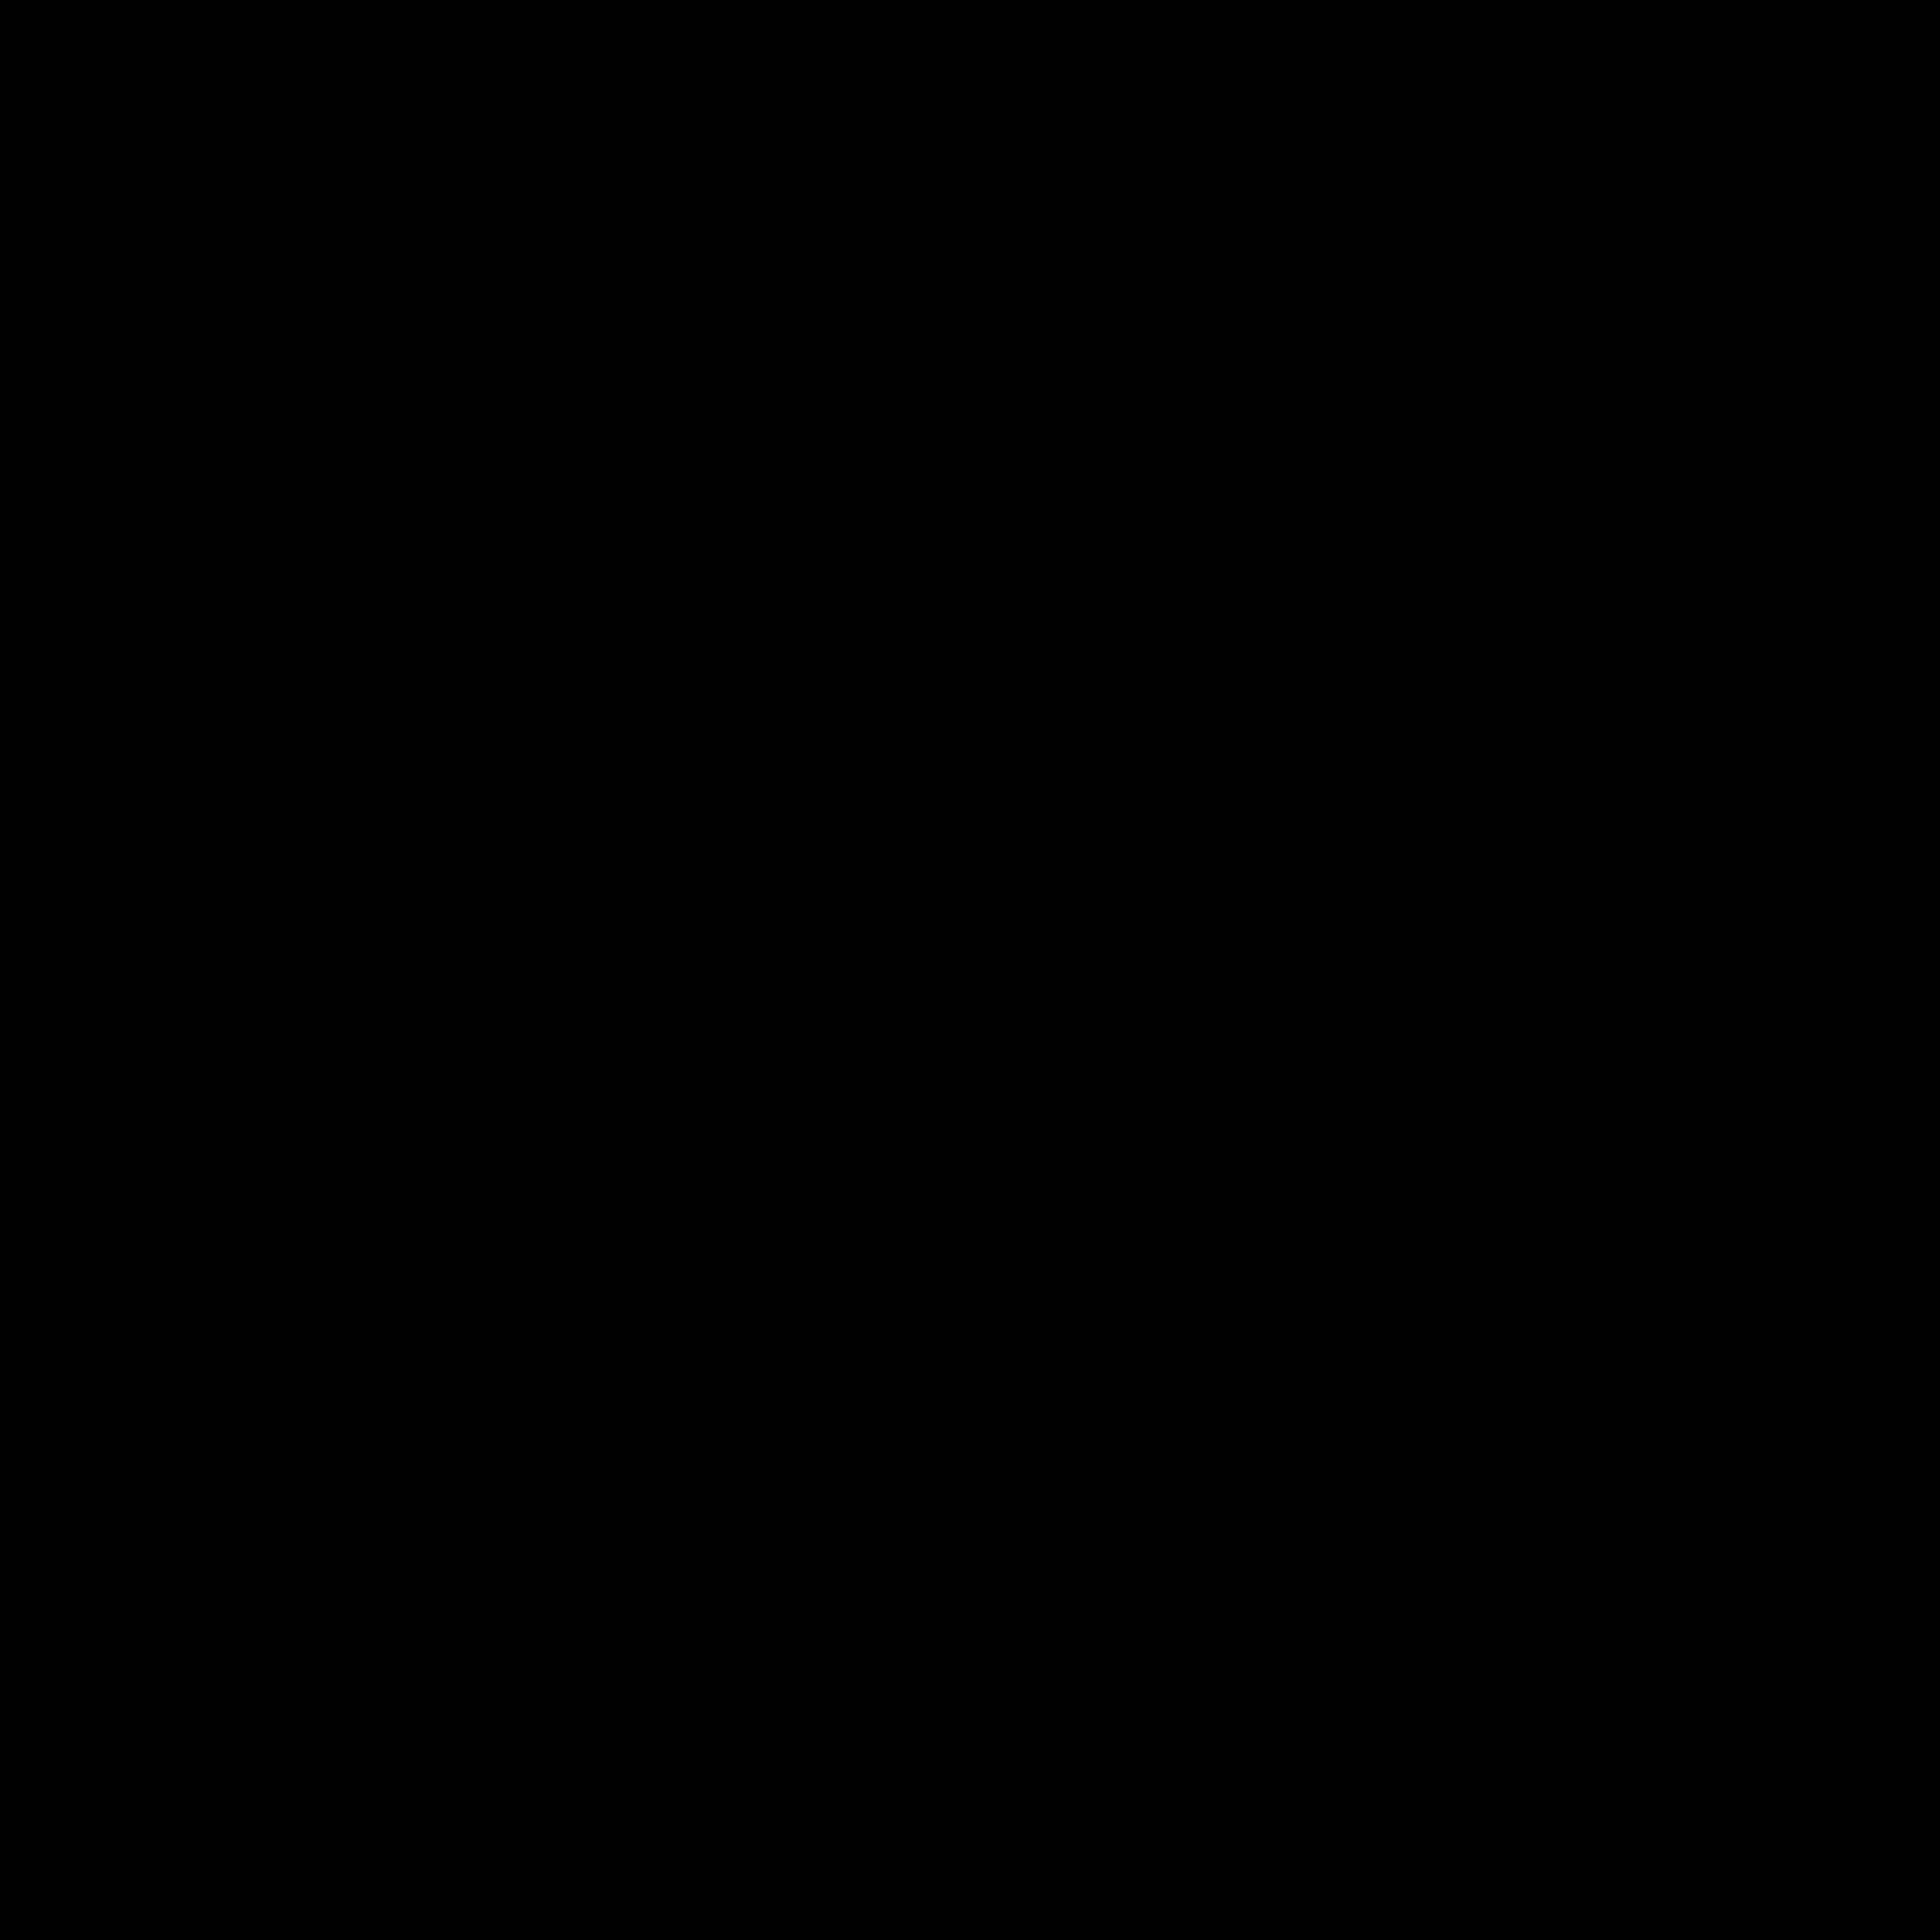 nespresso logo 0 - Nespresso Logo